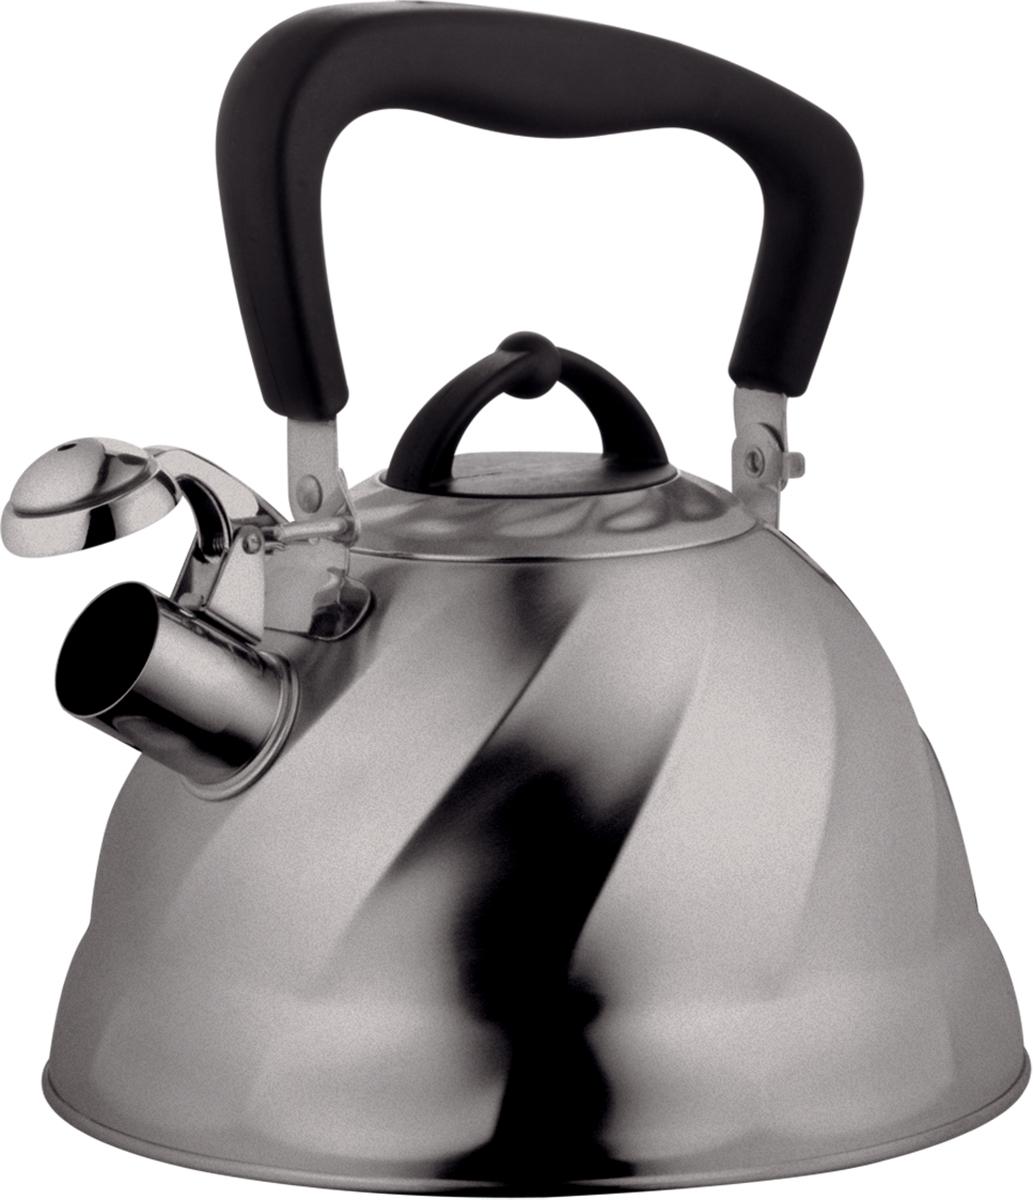 Чайник Marta, со свистком, цвет: стальной, матовый, 3 л. MT-3044MT-3044Чайник Marta выполнен из высококачественной нержавеющей стали с матовой полировкой и оснащен ненагревающейся складной ручкой с силиконовым покрытием. Теплоемкое трехслойное капсульное дно обеспечивает быстрый нагрев чайника и равномерно распределяет тепло по его корпусу. Кипячение воды занимает меньше времени, а вода дольше остается горячей. Свисток на носике чайника - привычный элемент комфорта и безопасности. Своевременный сигнал о готовности кипятка сэкономит время и электроэнергию, вода никогда не выкипит полностью, а чайник прослужит очень долго. Оригинальный механизм поднятия свистка добавляет чайнику индивидуальности - при поднятии чайника за ручку свисток автоматически открывает носик для удобства наливания кипятка в чашку. Чайник подходит для всех видов плит, кроме индукционных.